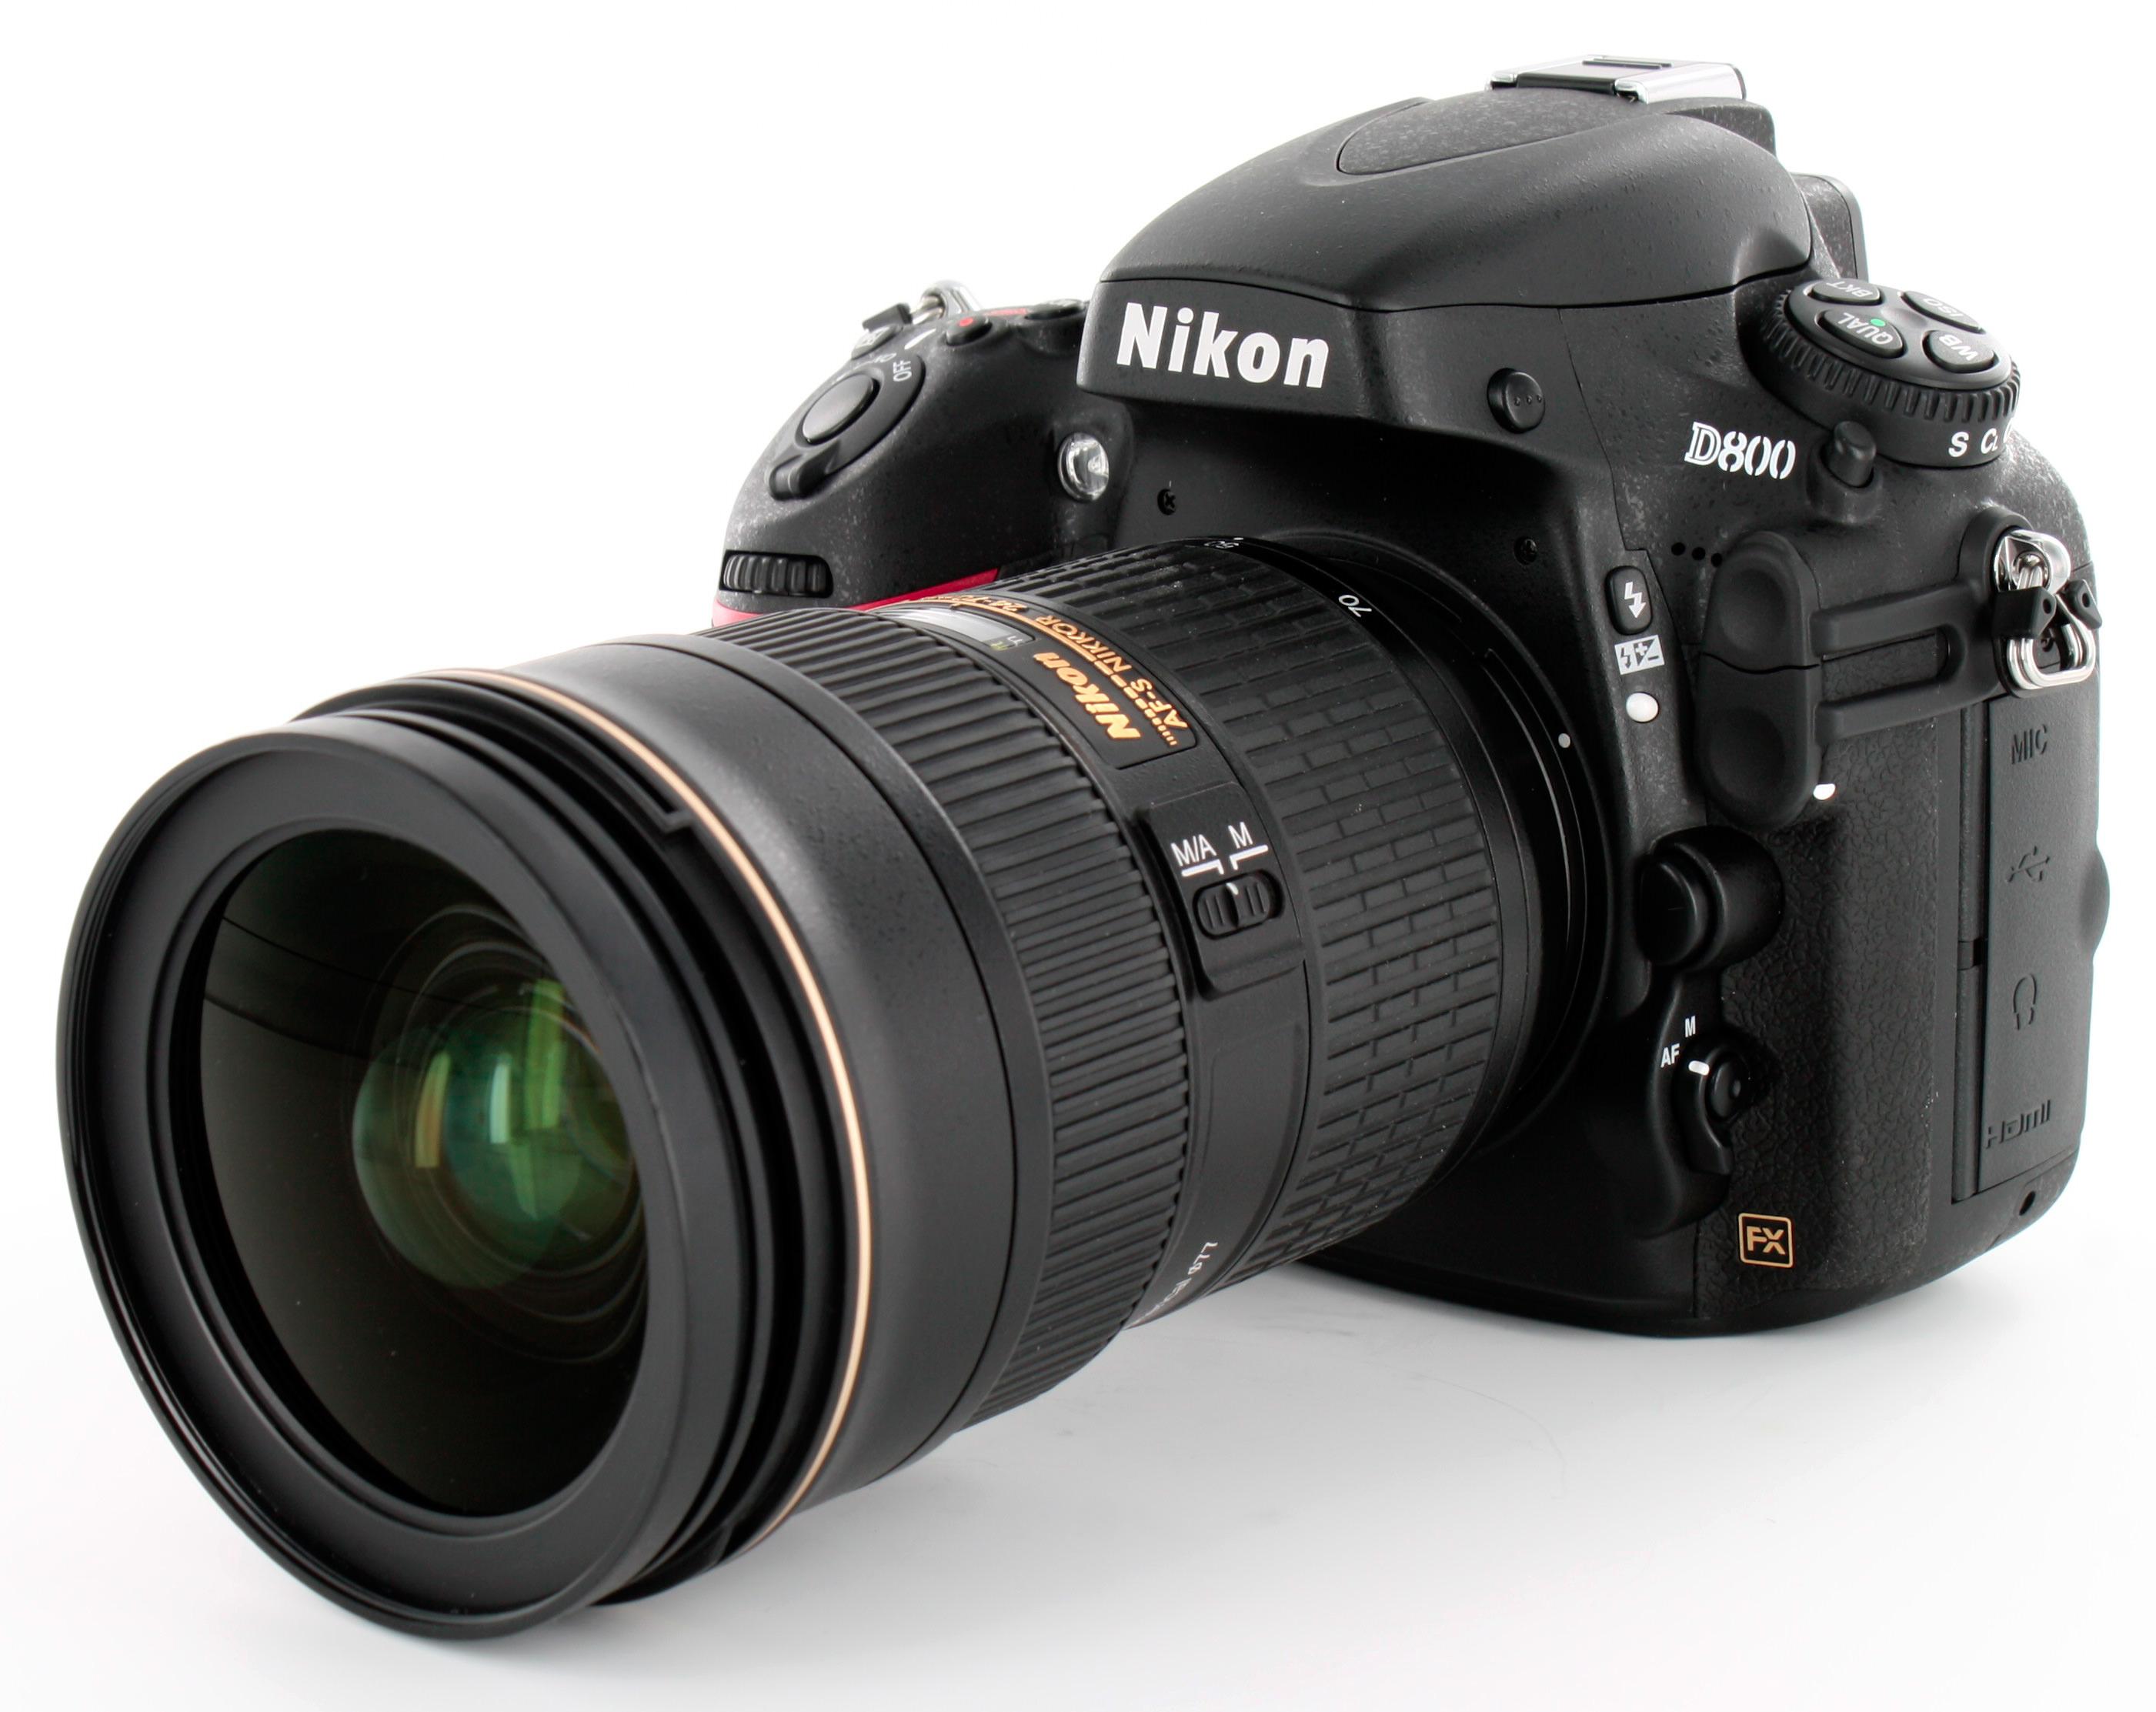 Nikon D800 Digital Slr Sample Photos D1 With Lens